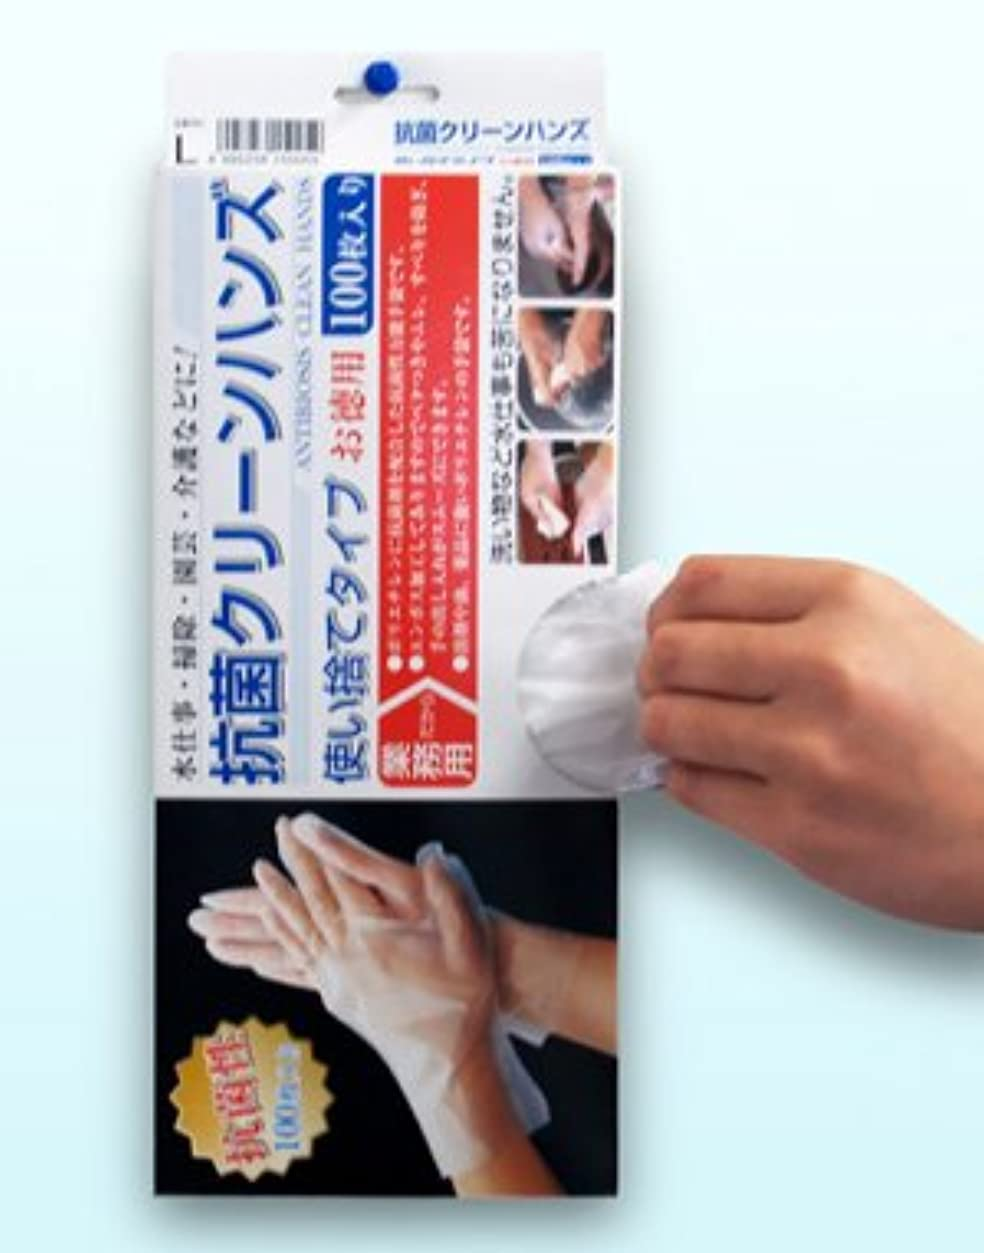 着替えるメロディアスビジネス抗菌クリーンハンズ箱入 Sサイズ(100枚箱入) - ポリエチレンに抗菌剤を配合した抗菌性万能手袋です。